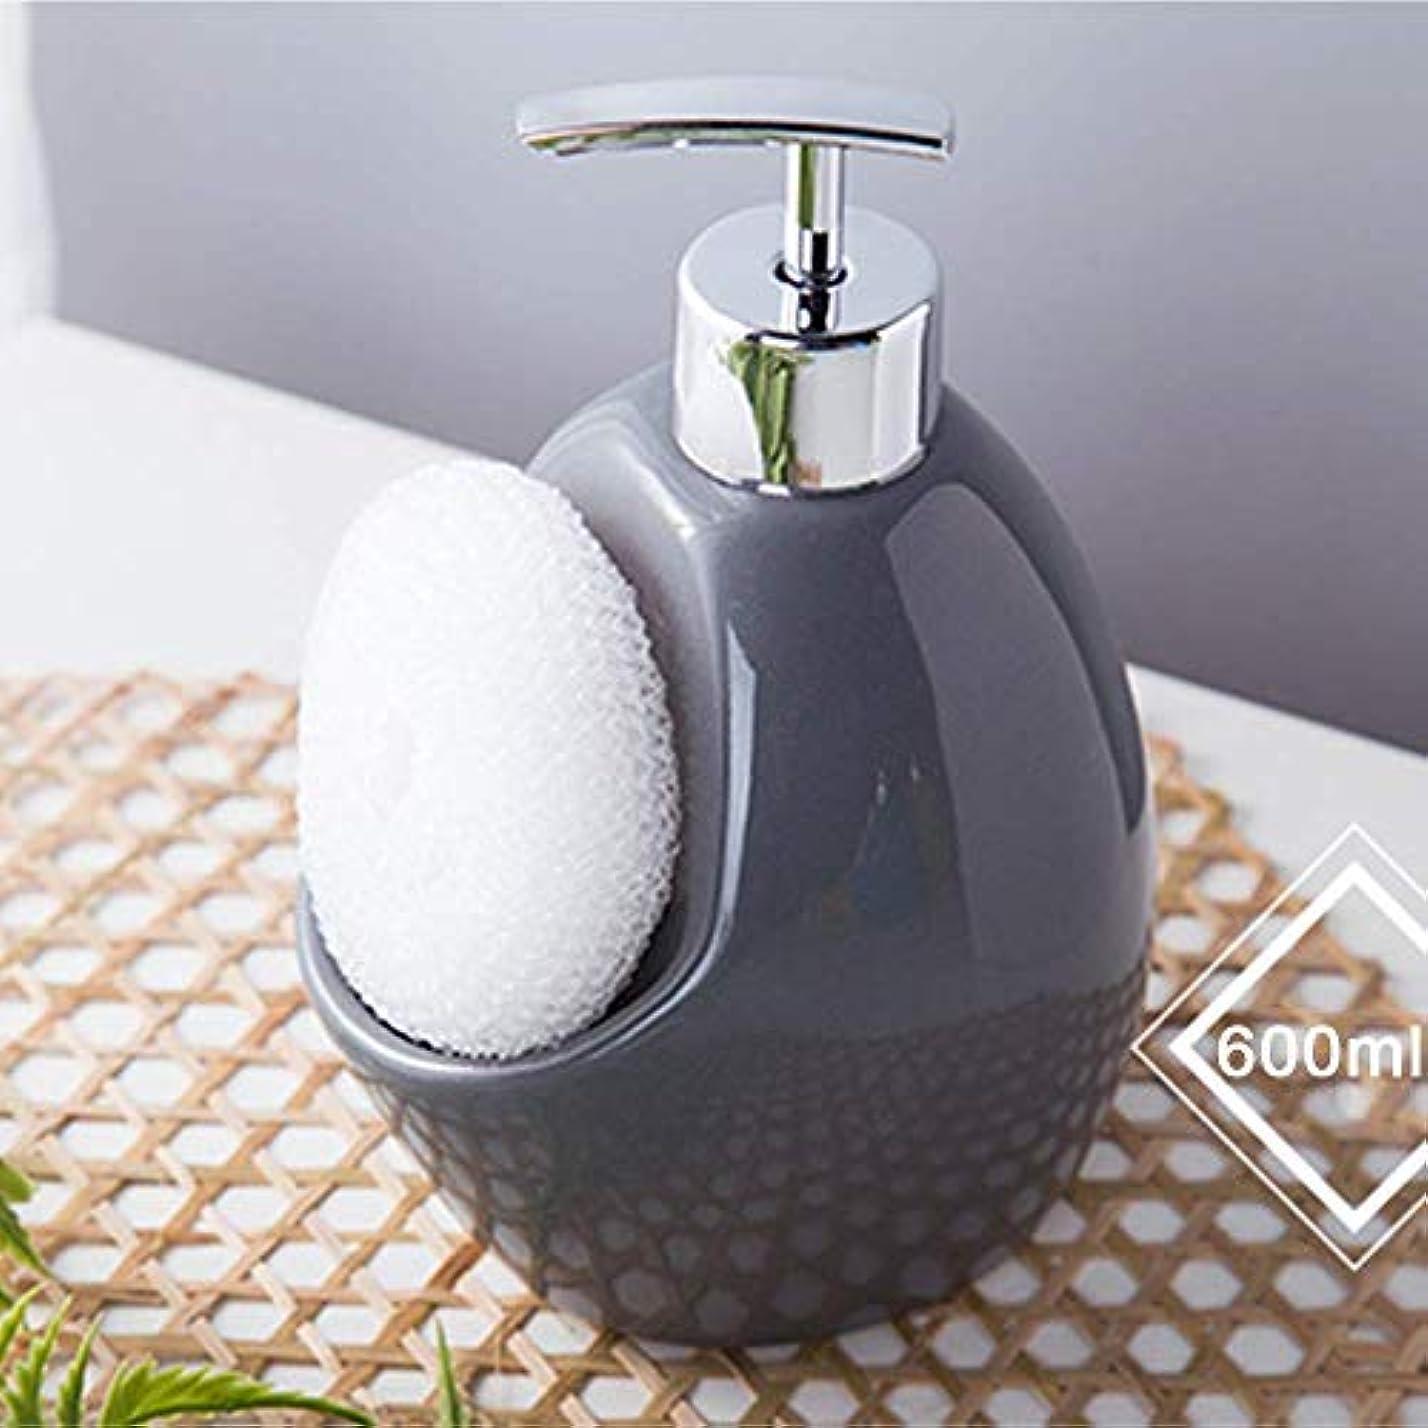 悪性評論家チャップソープディスペンサー液体、手動ポンプボトル、詰め替え可能-食器用洗剤/ハンドソープ/シャワージェル、セラミック-600ml(青、グレー)